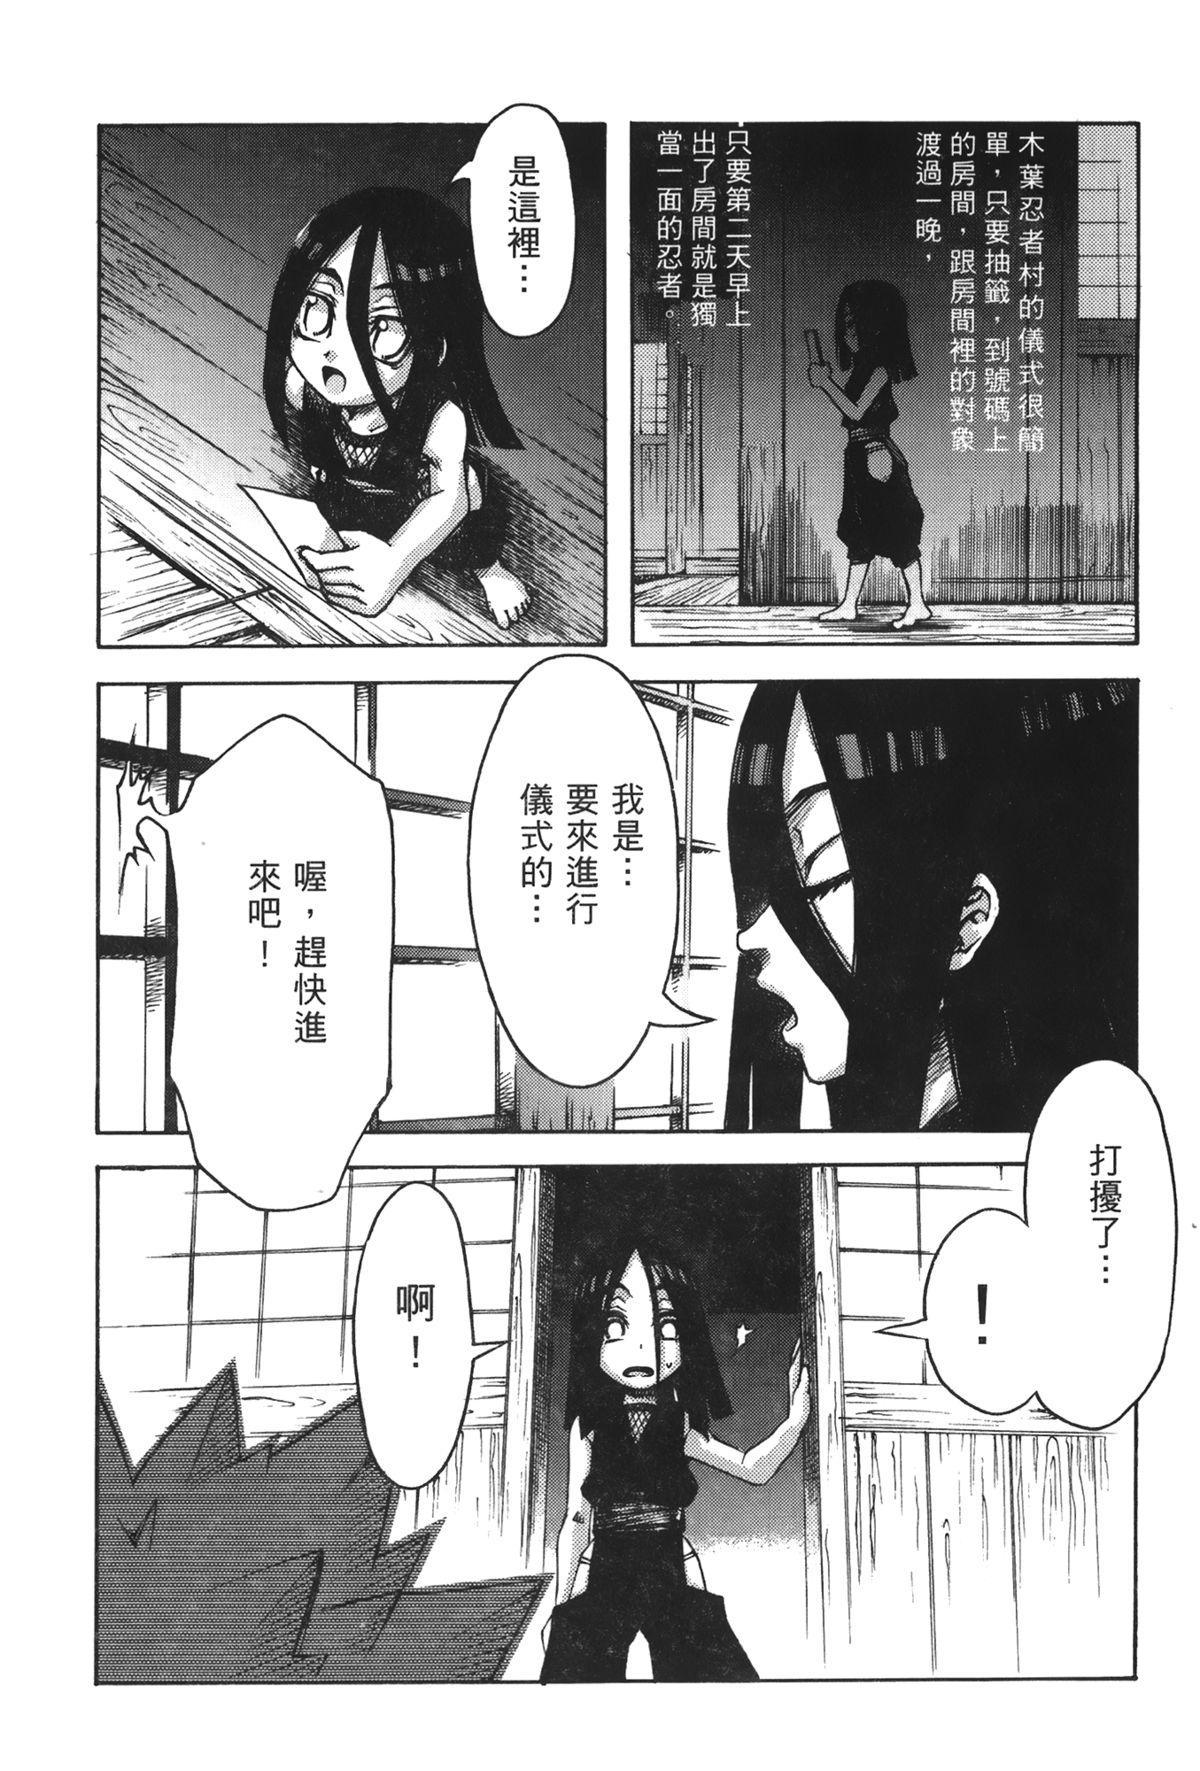 naruto ninja biography vol.09 81